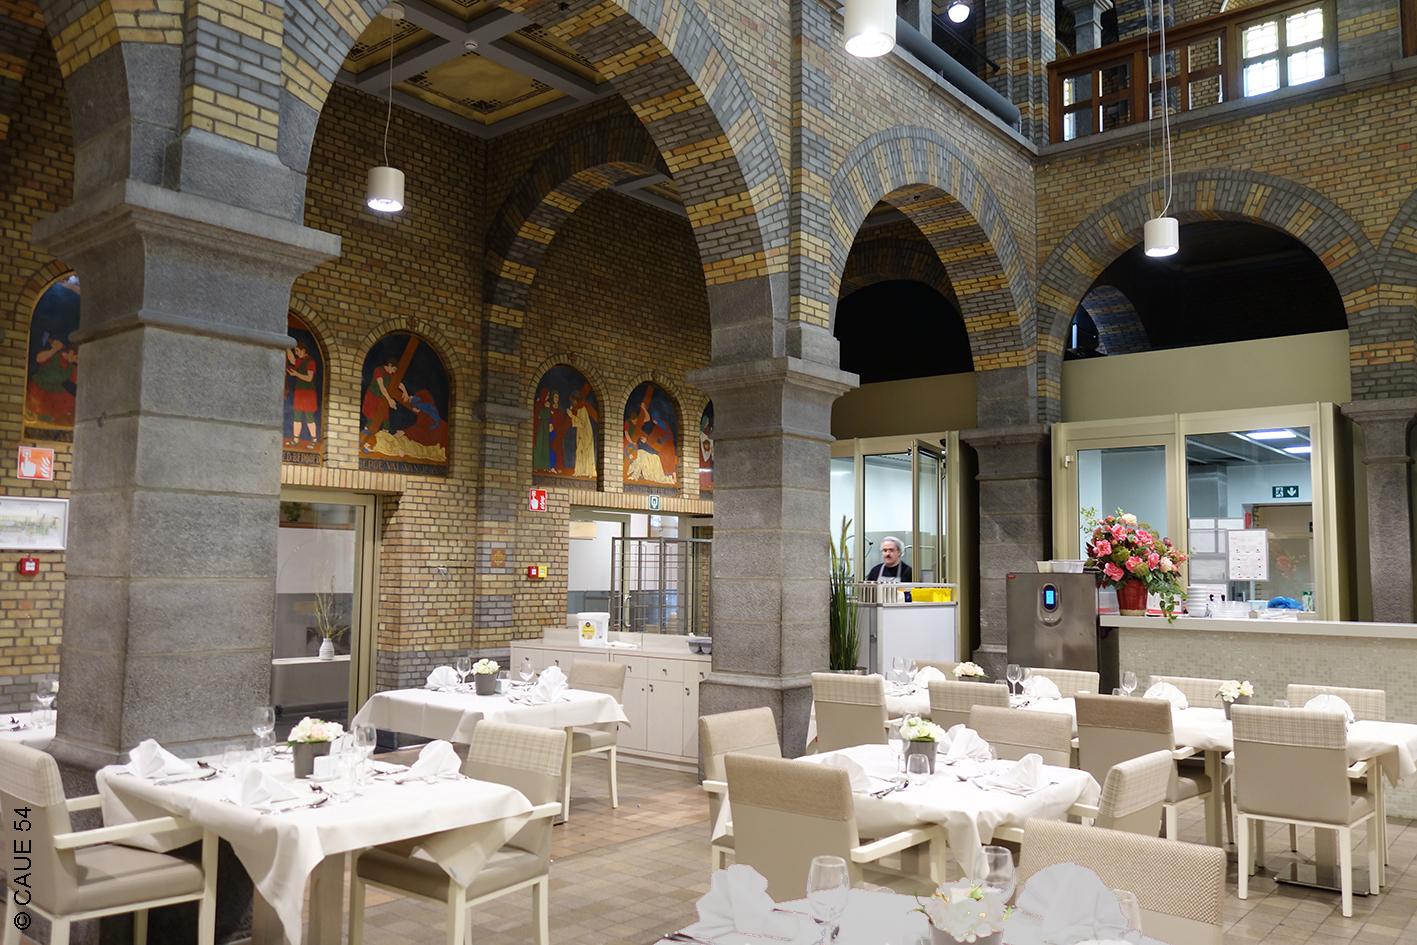 Maison de retraite Saint-Vincent, restaurant - Louvain - Belgique